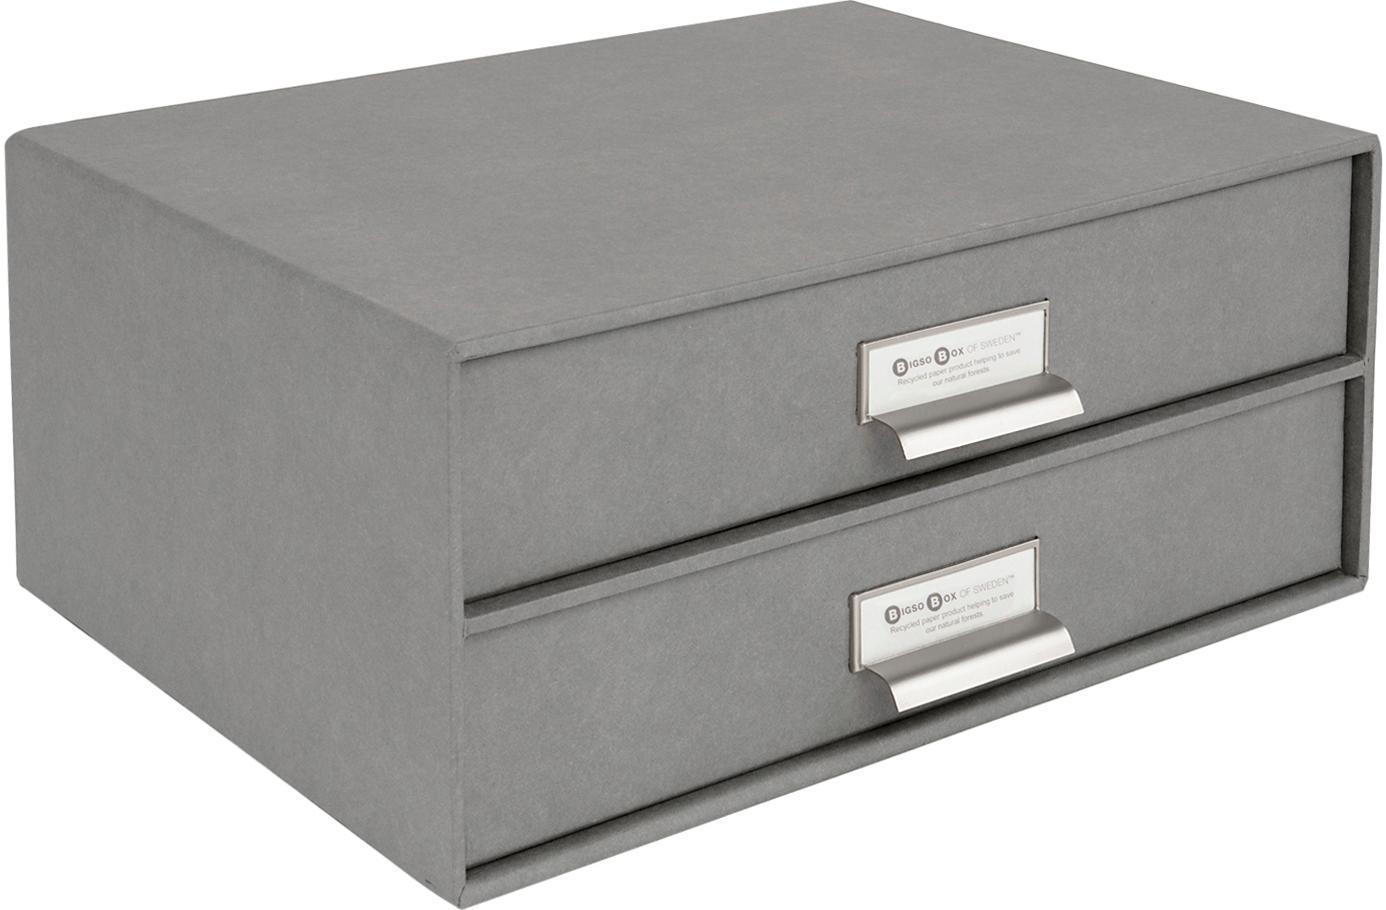 Büro-Organizer Birger, Organizer: Fester, laminierter Karto, Organizer außen: HellgrauOrganizer innen: Weiß, 33 x 15 cm